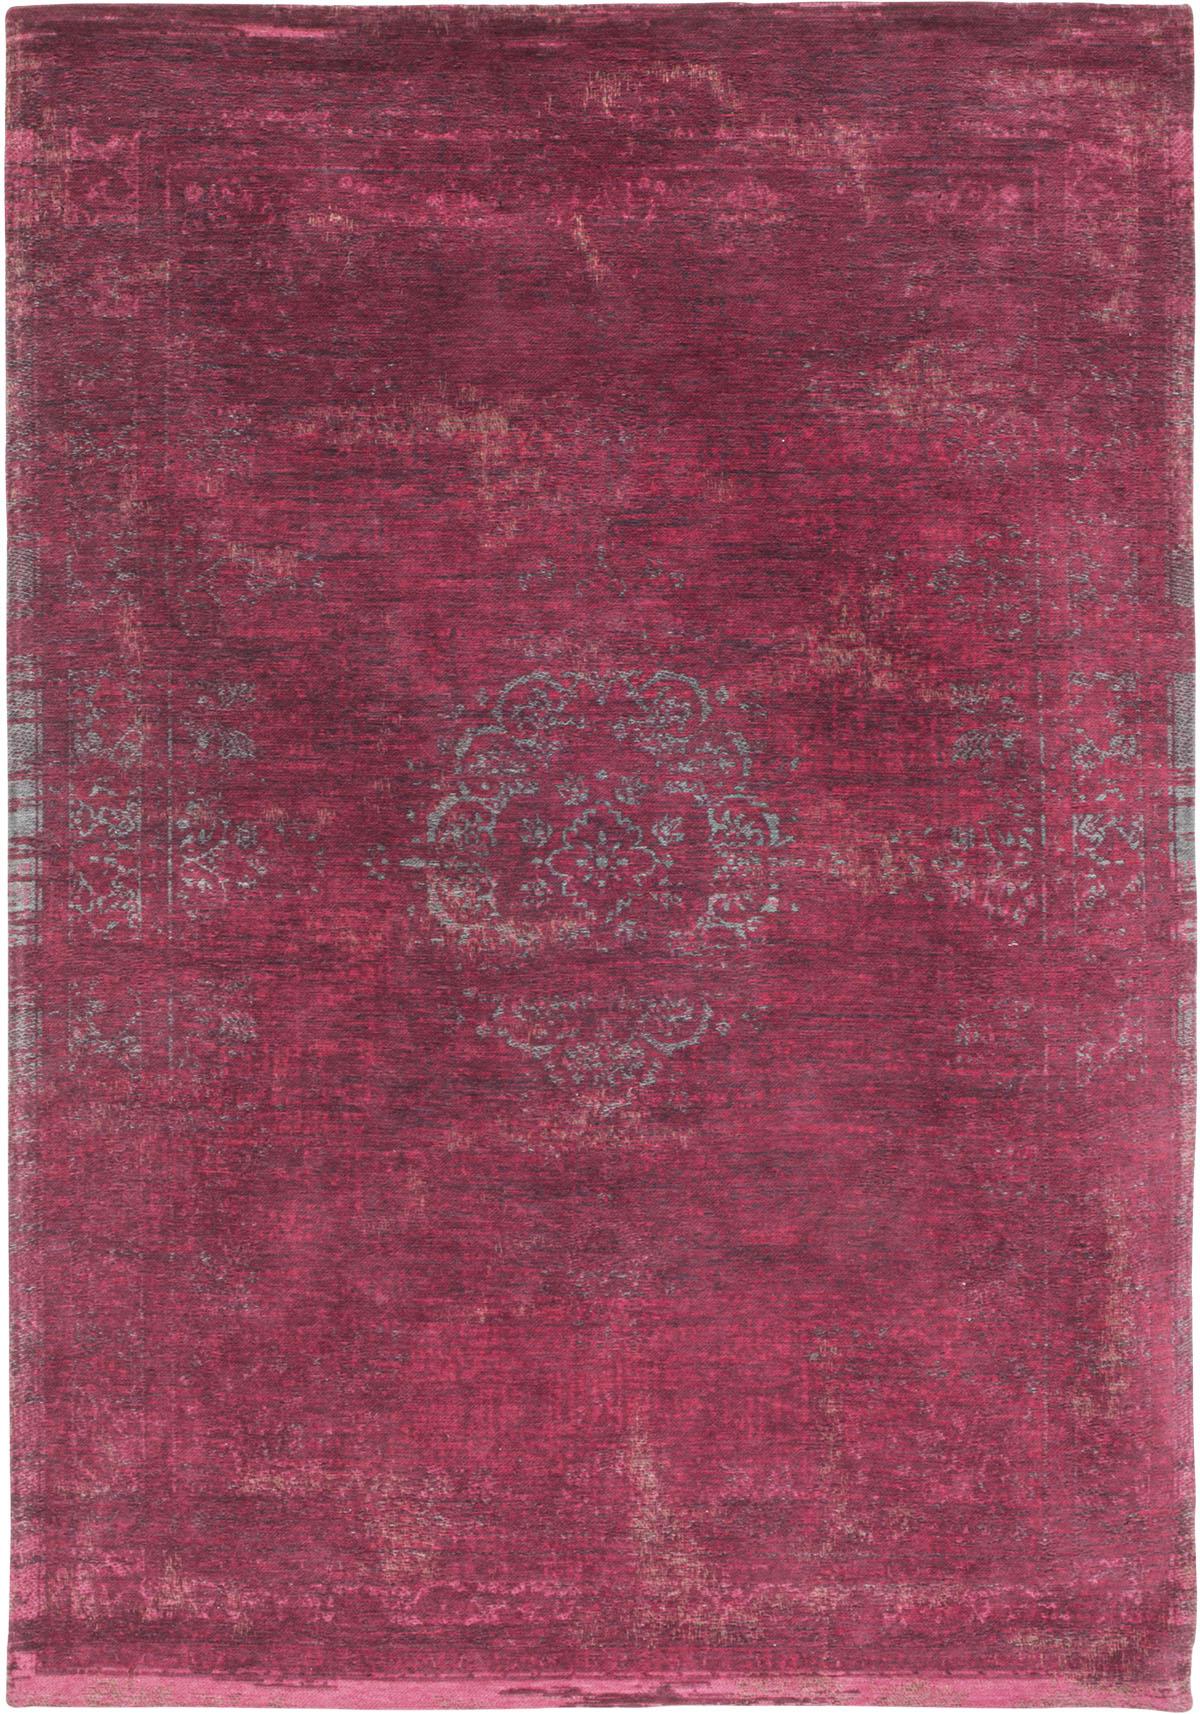 różowy dywan klasyczny - Scarlet 8260